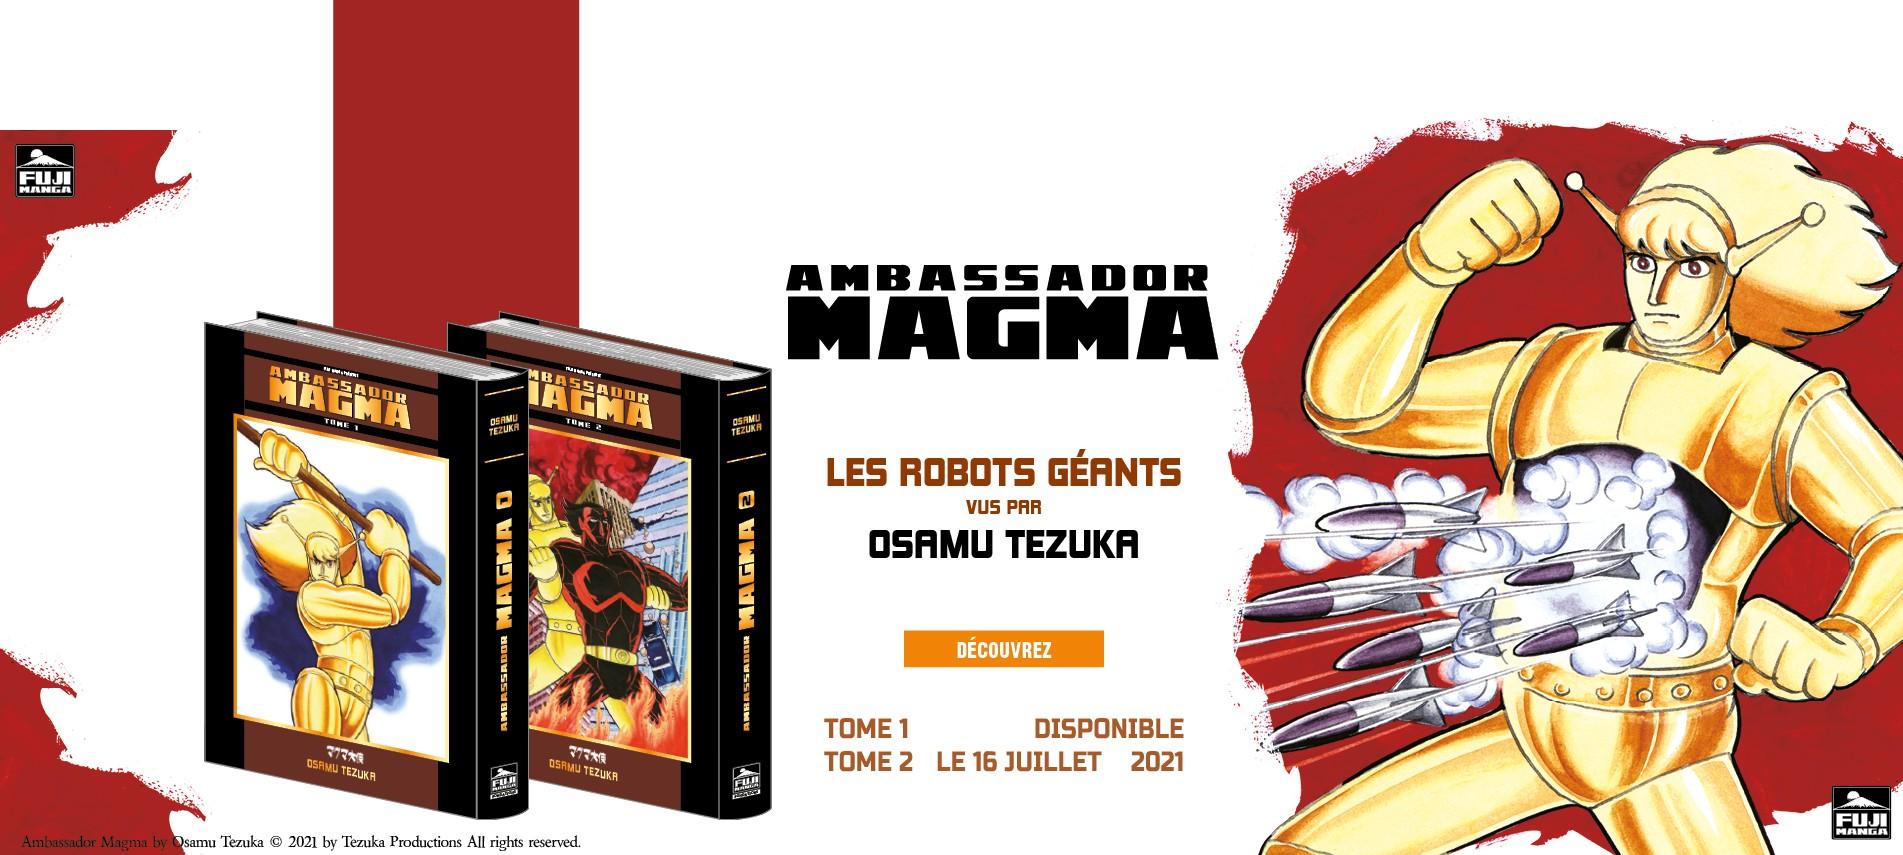 Ambassador Magma - Les Robots Géants vus par Tezuka